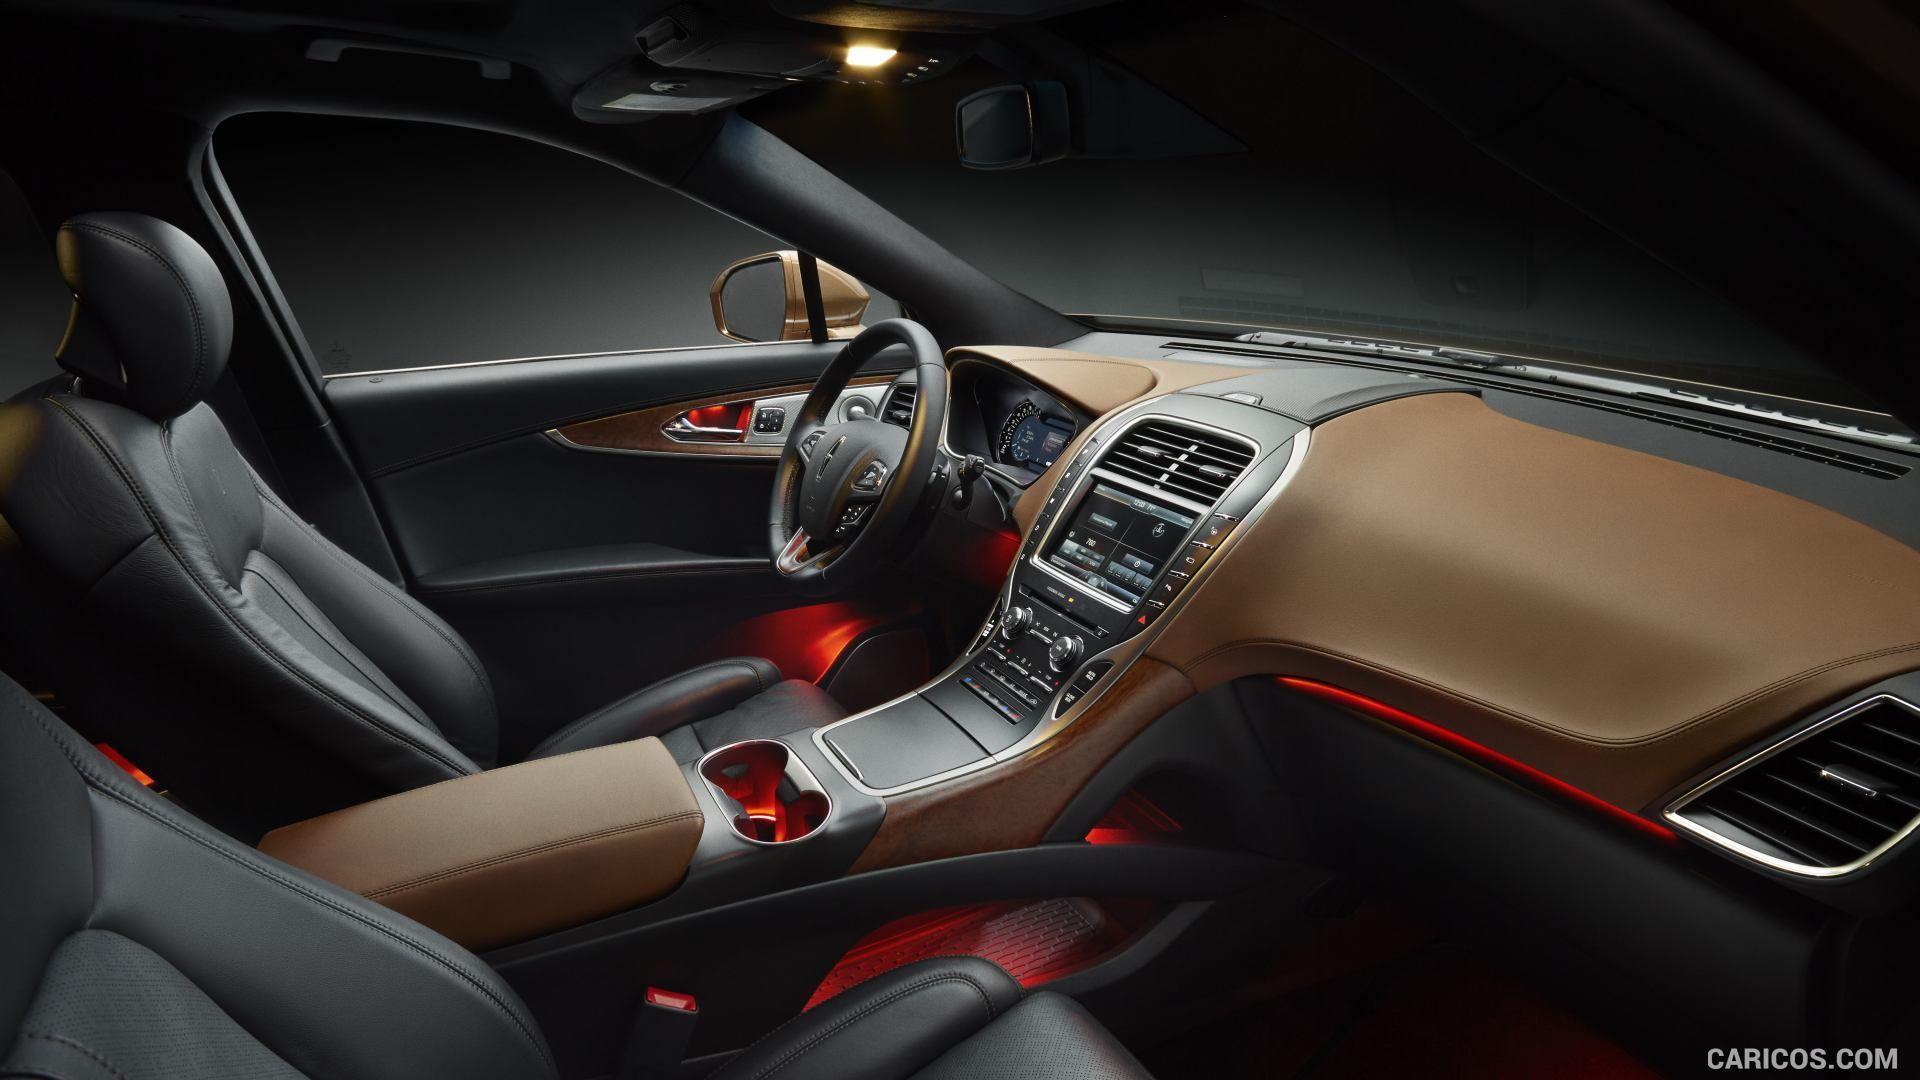 2016 Lincoln Mkx Interior Dashboard Wallpaper Car Interior